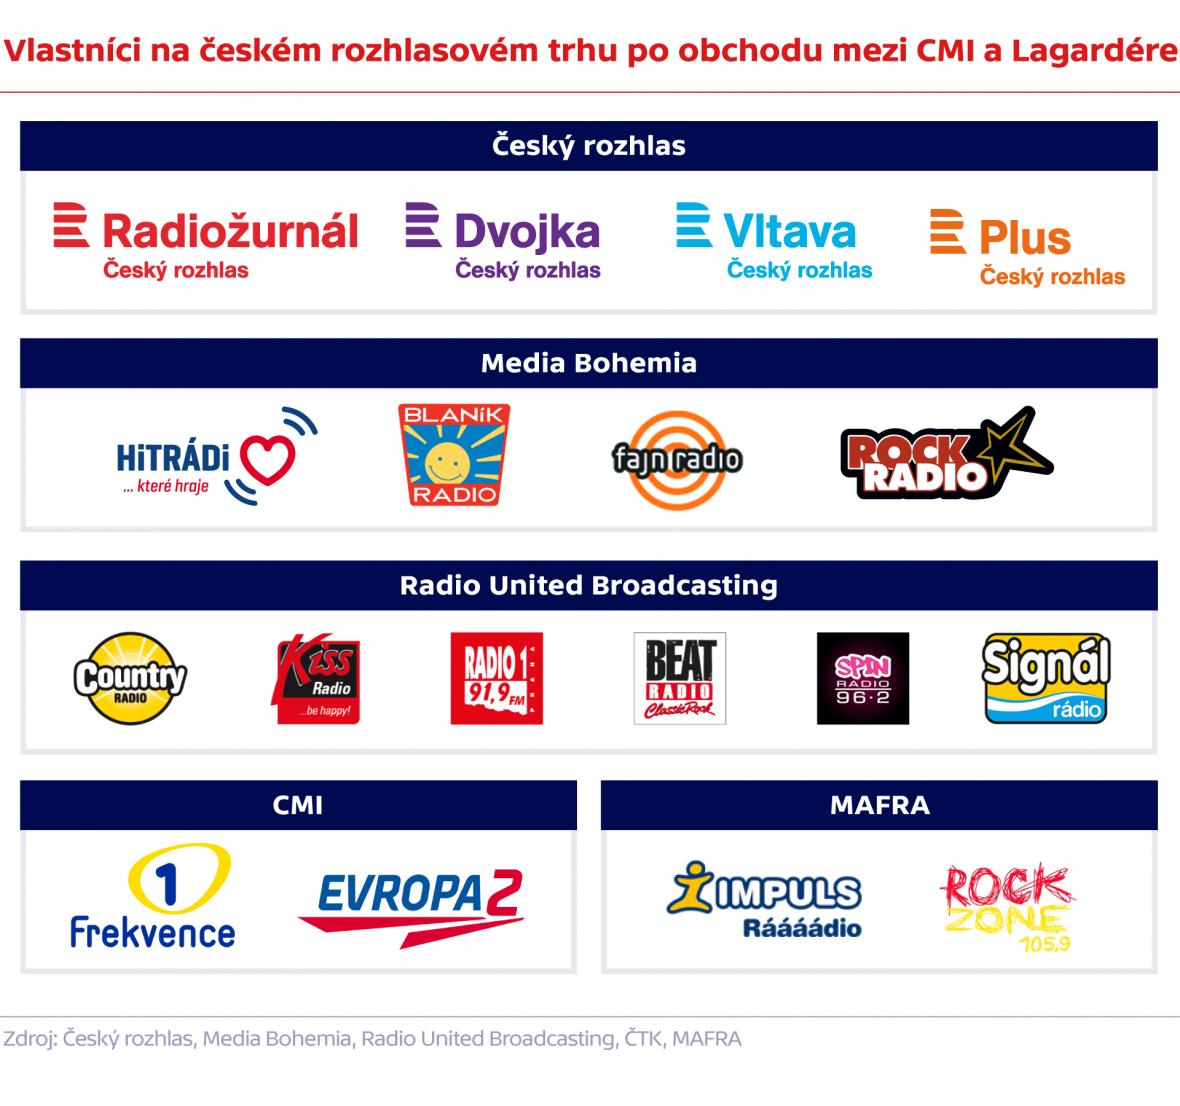 Vlastníci na českém rozhlasovém trhu obchodu mezi CMI a Lagardére